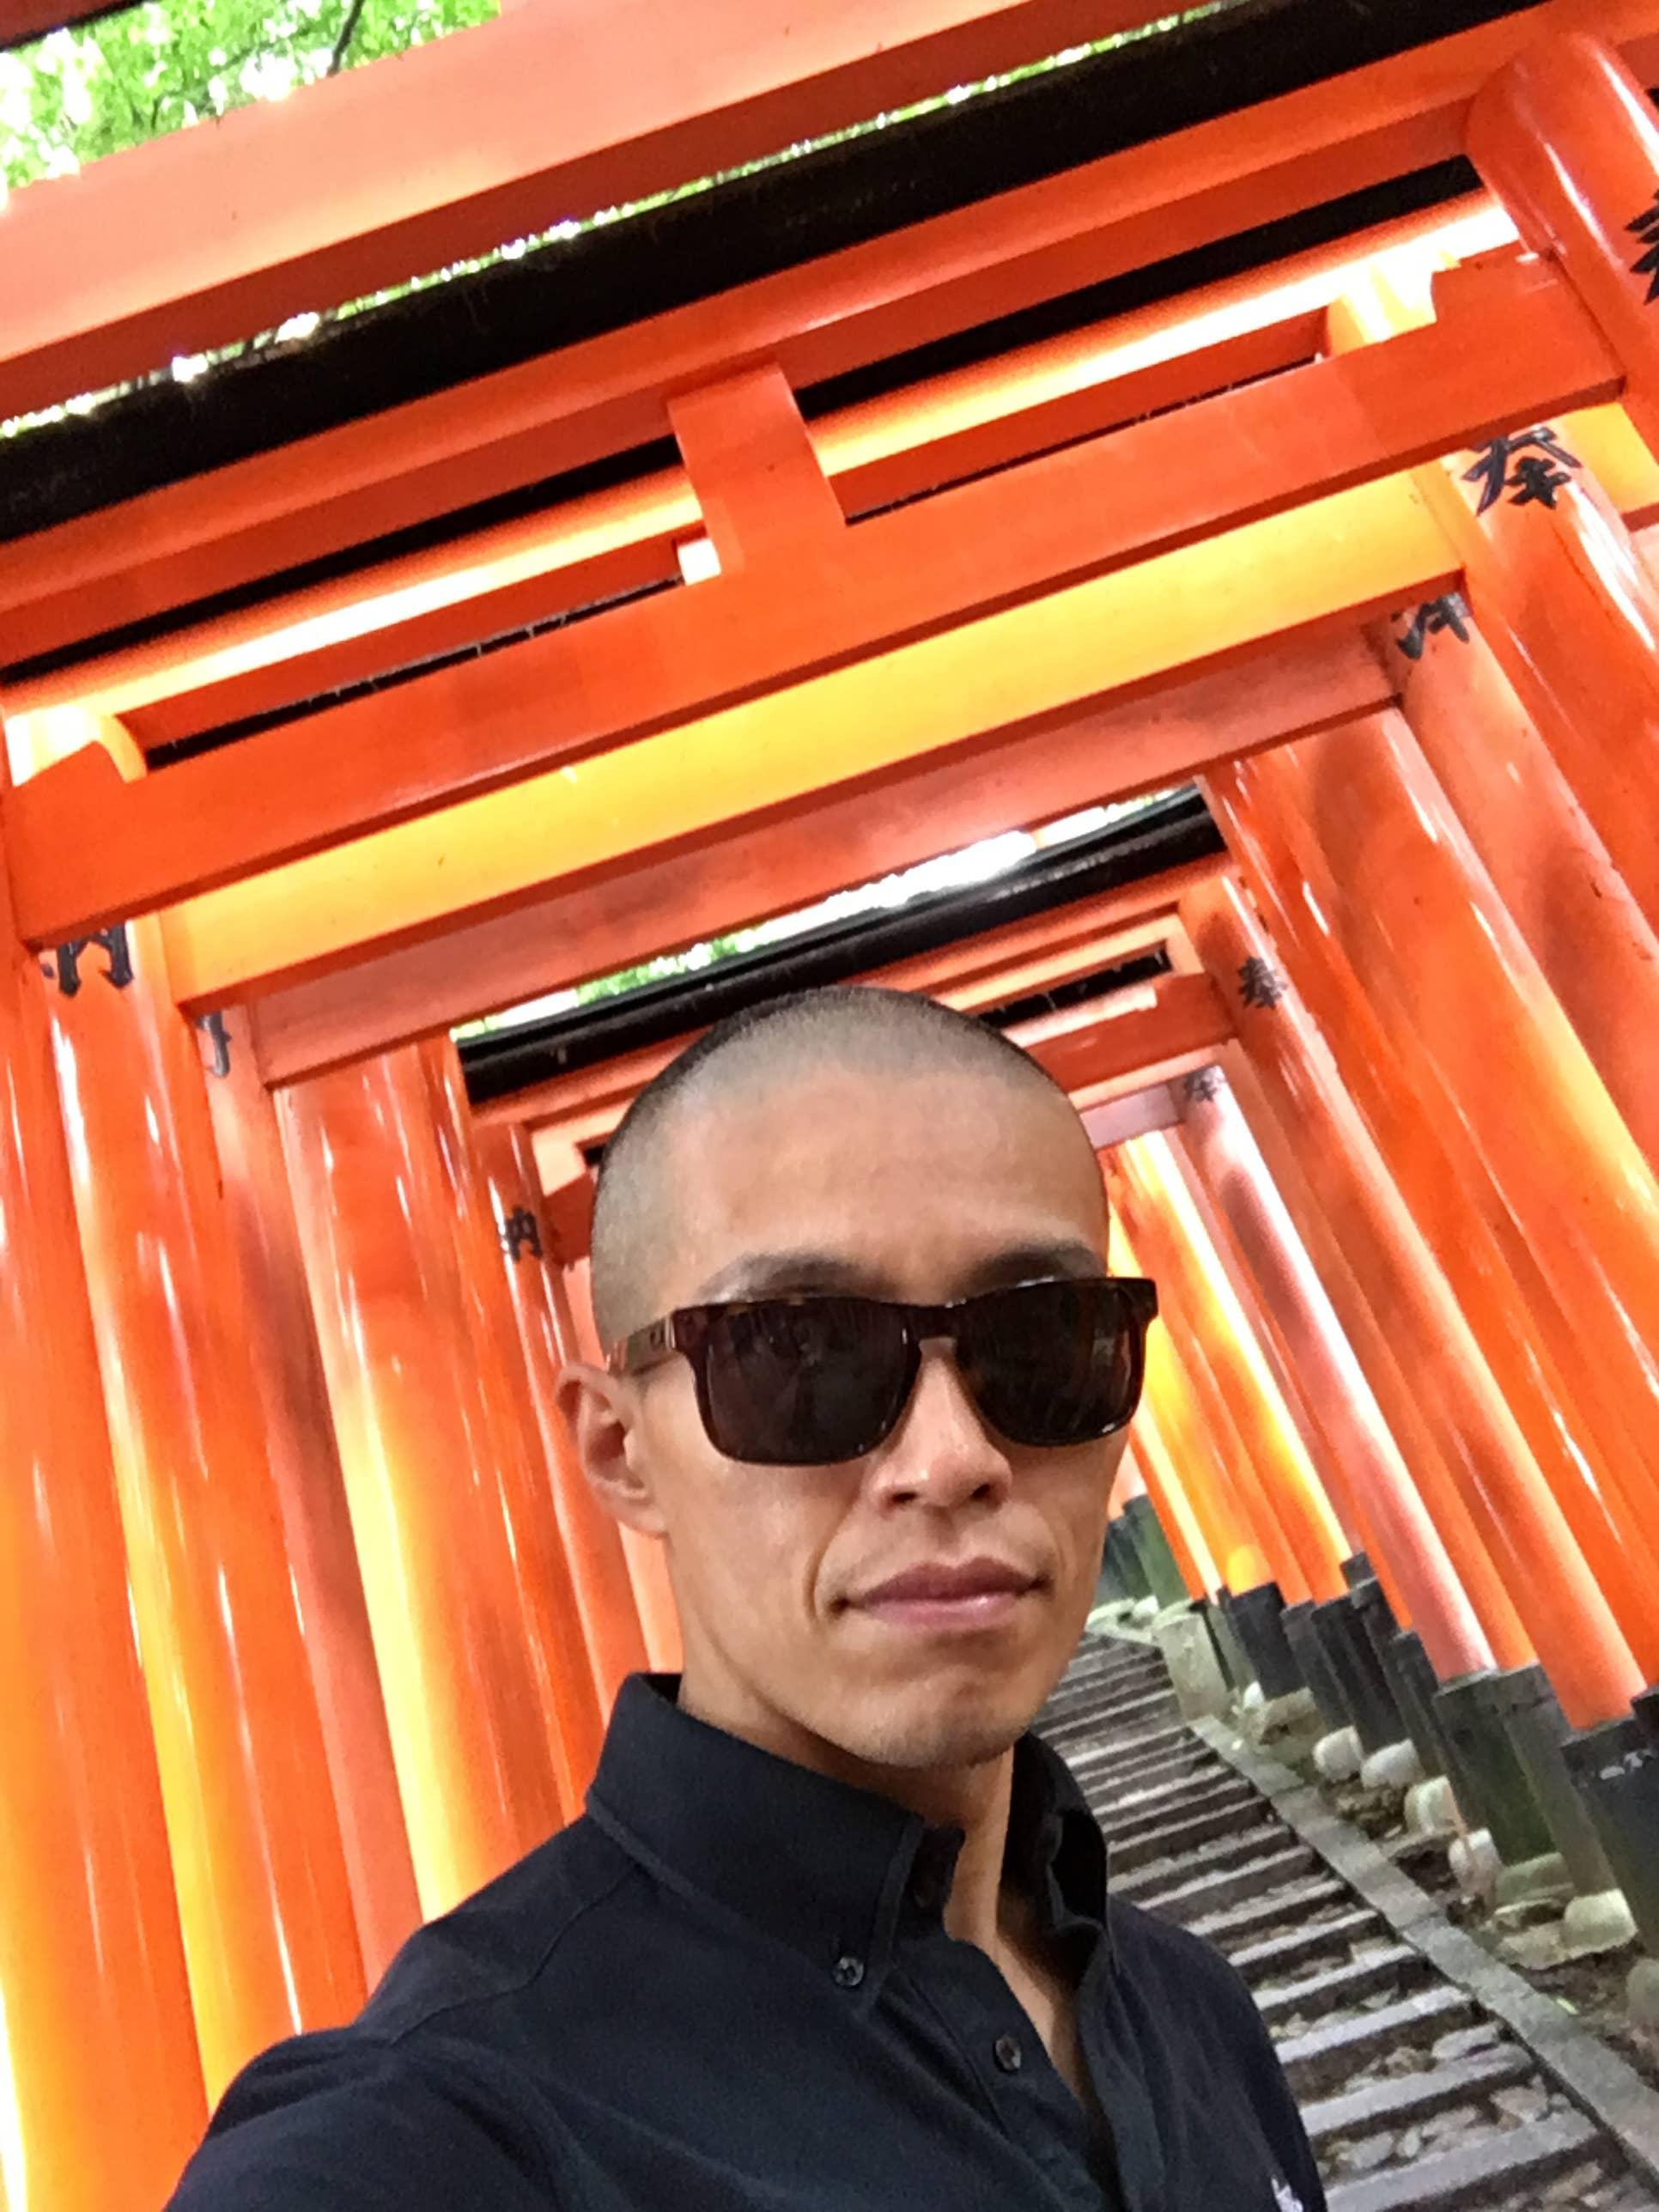 Hiro Okuno